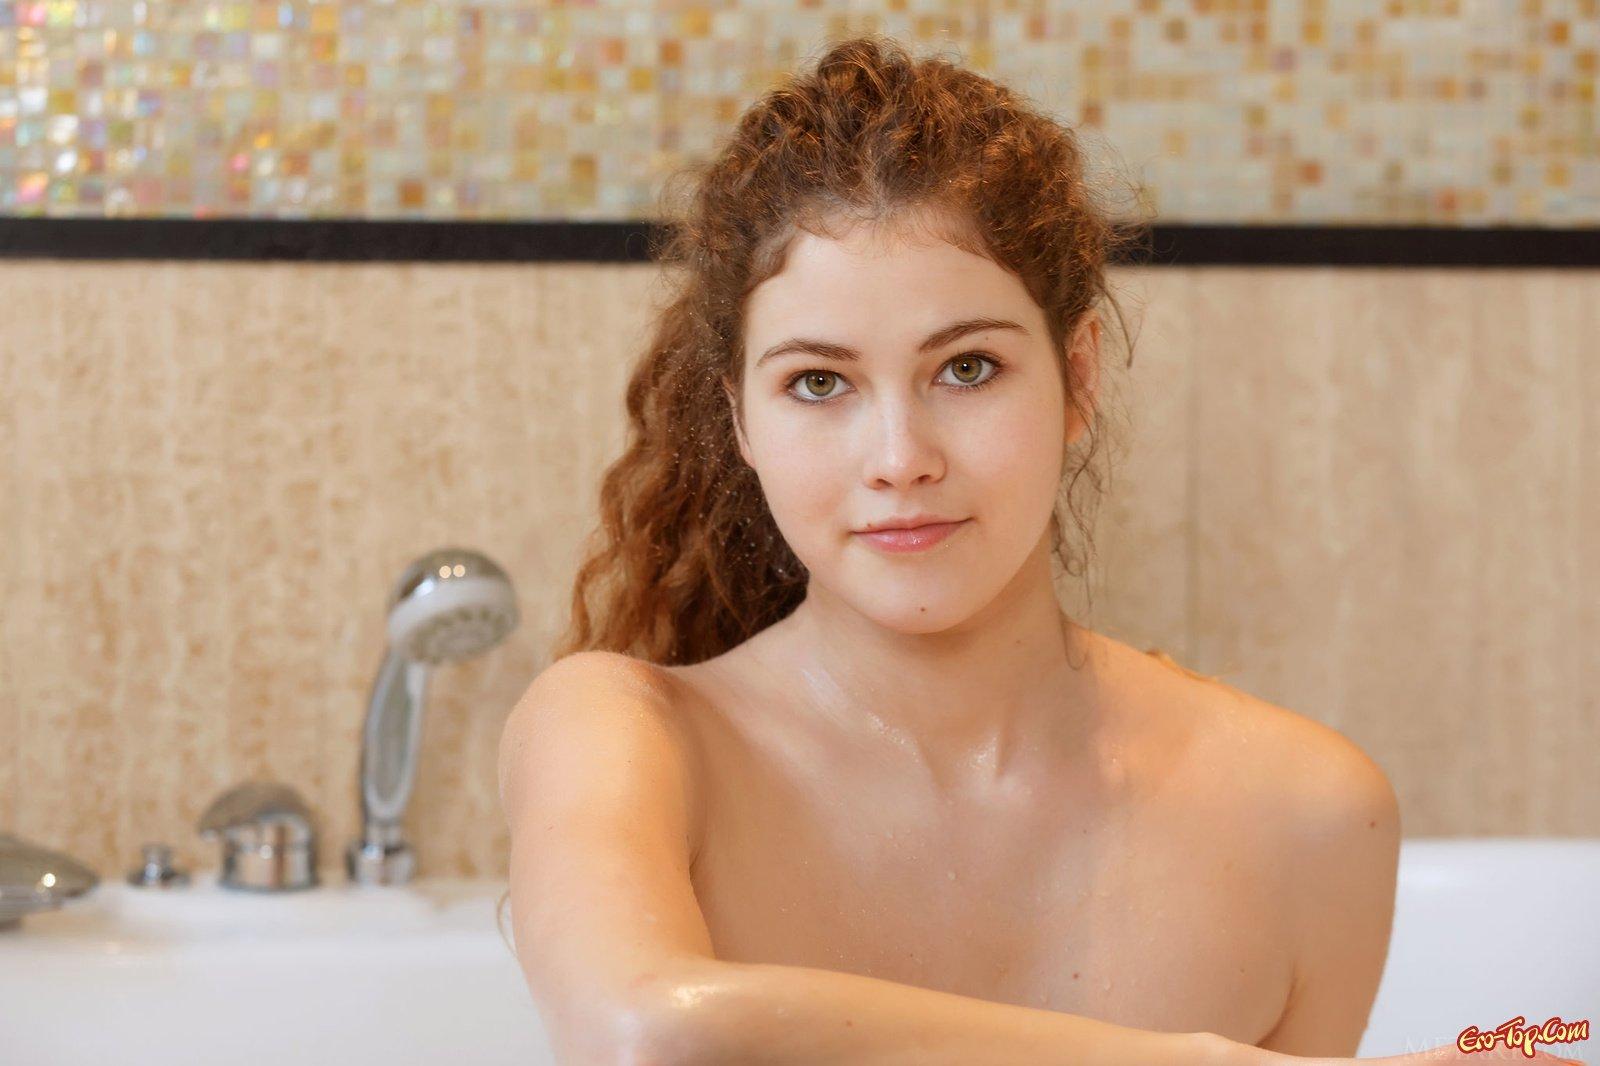 Эротика под душем секс фото